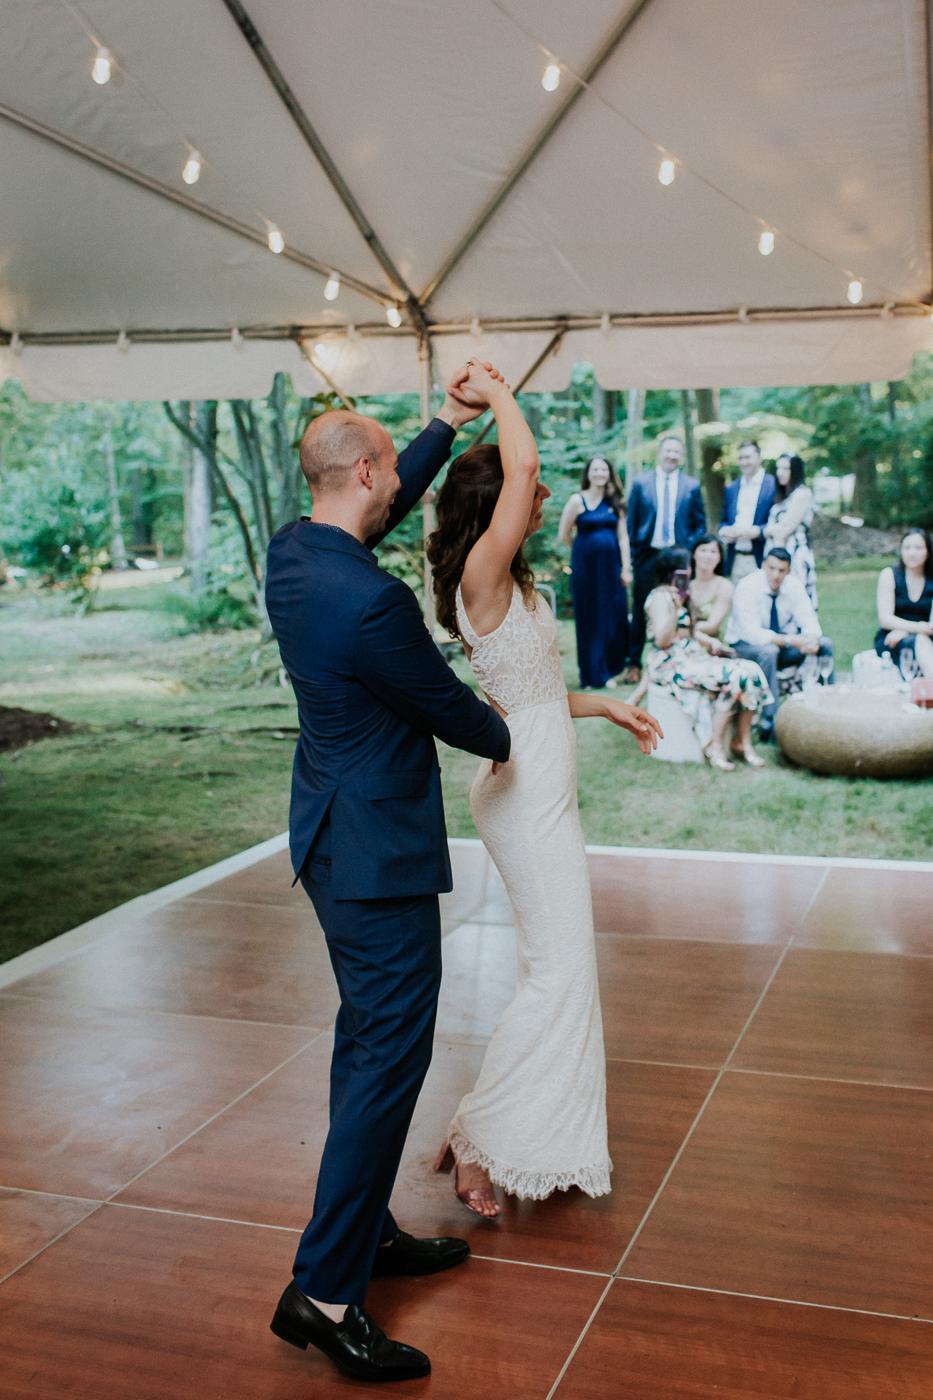 Westchester-New-York-Intimate-Backyard-Garden-Documentary-Wedding-Photographer-11.jpg